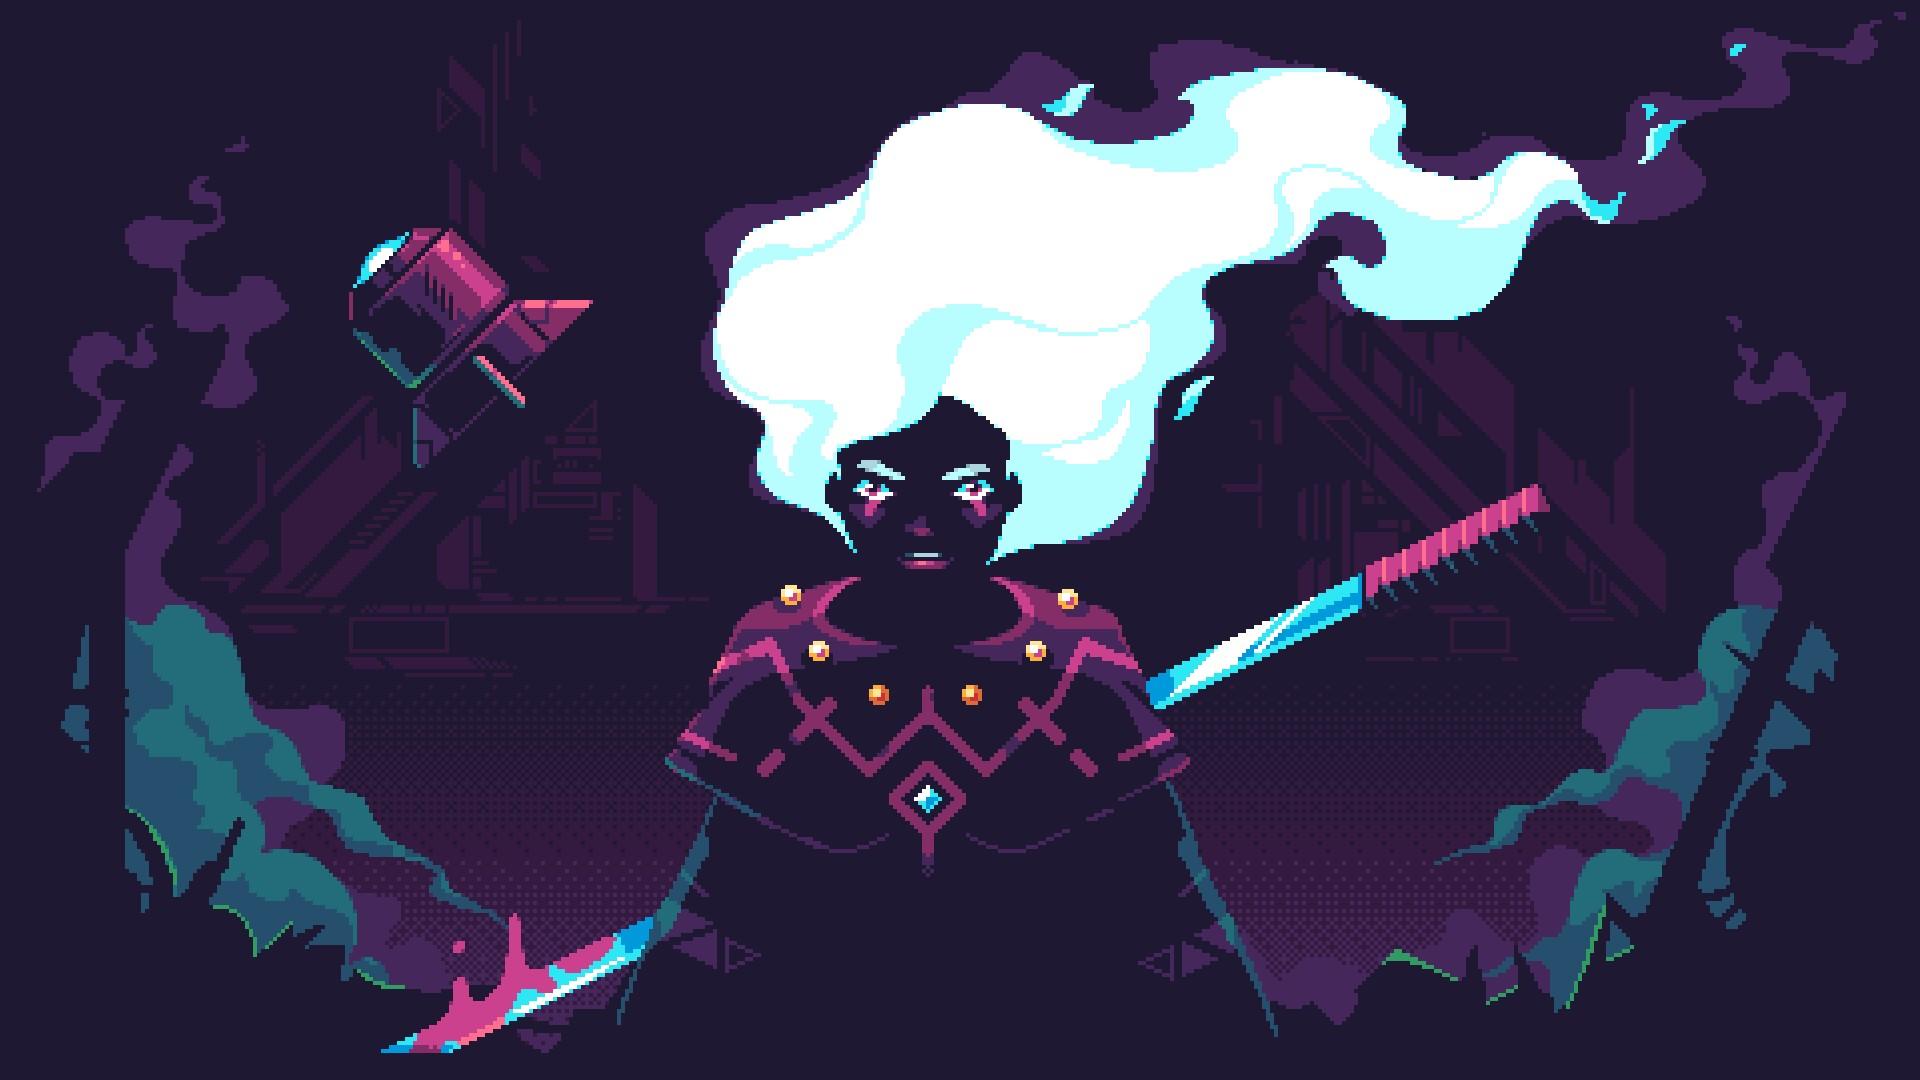 В Steam вышла новая игра с боссами-гигантами, секретами и высокой скоростью - ScourgeBringer